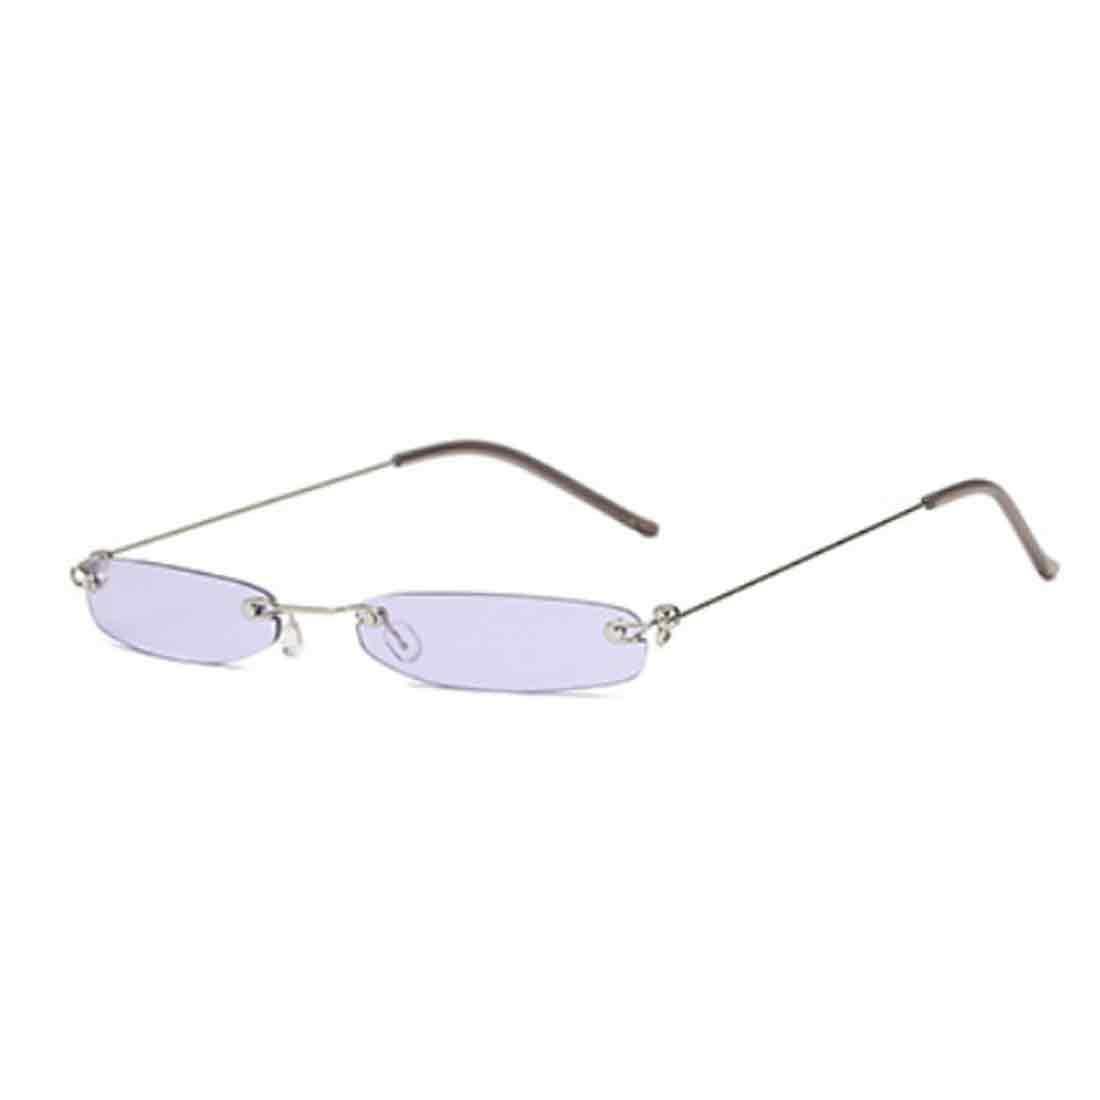 Inlefen Occhiali da sole rettangolari senza montatura Occhiali da sole vintage piccoli con montatura in metallo